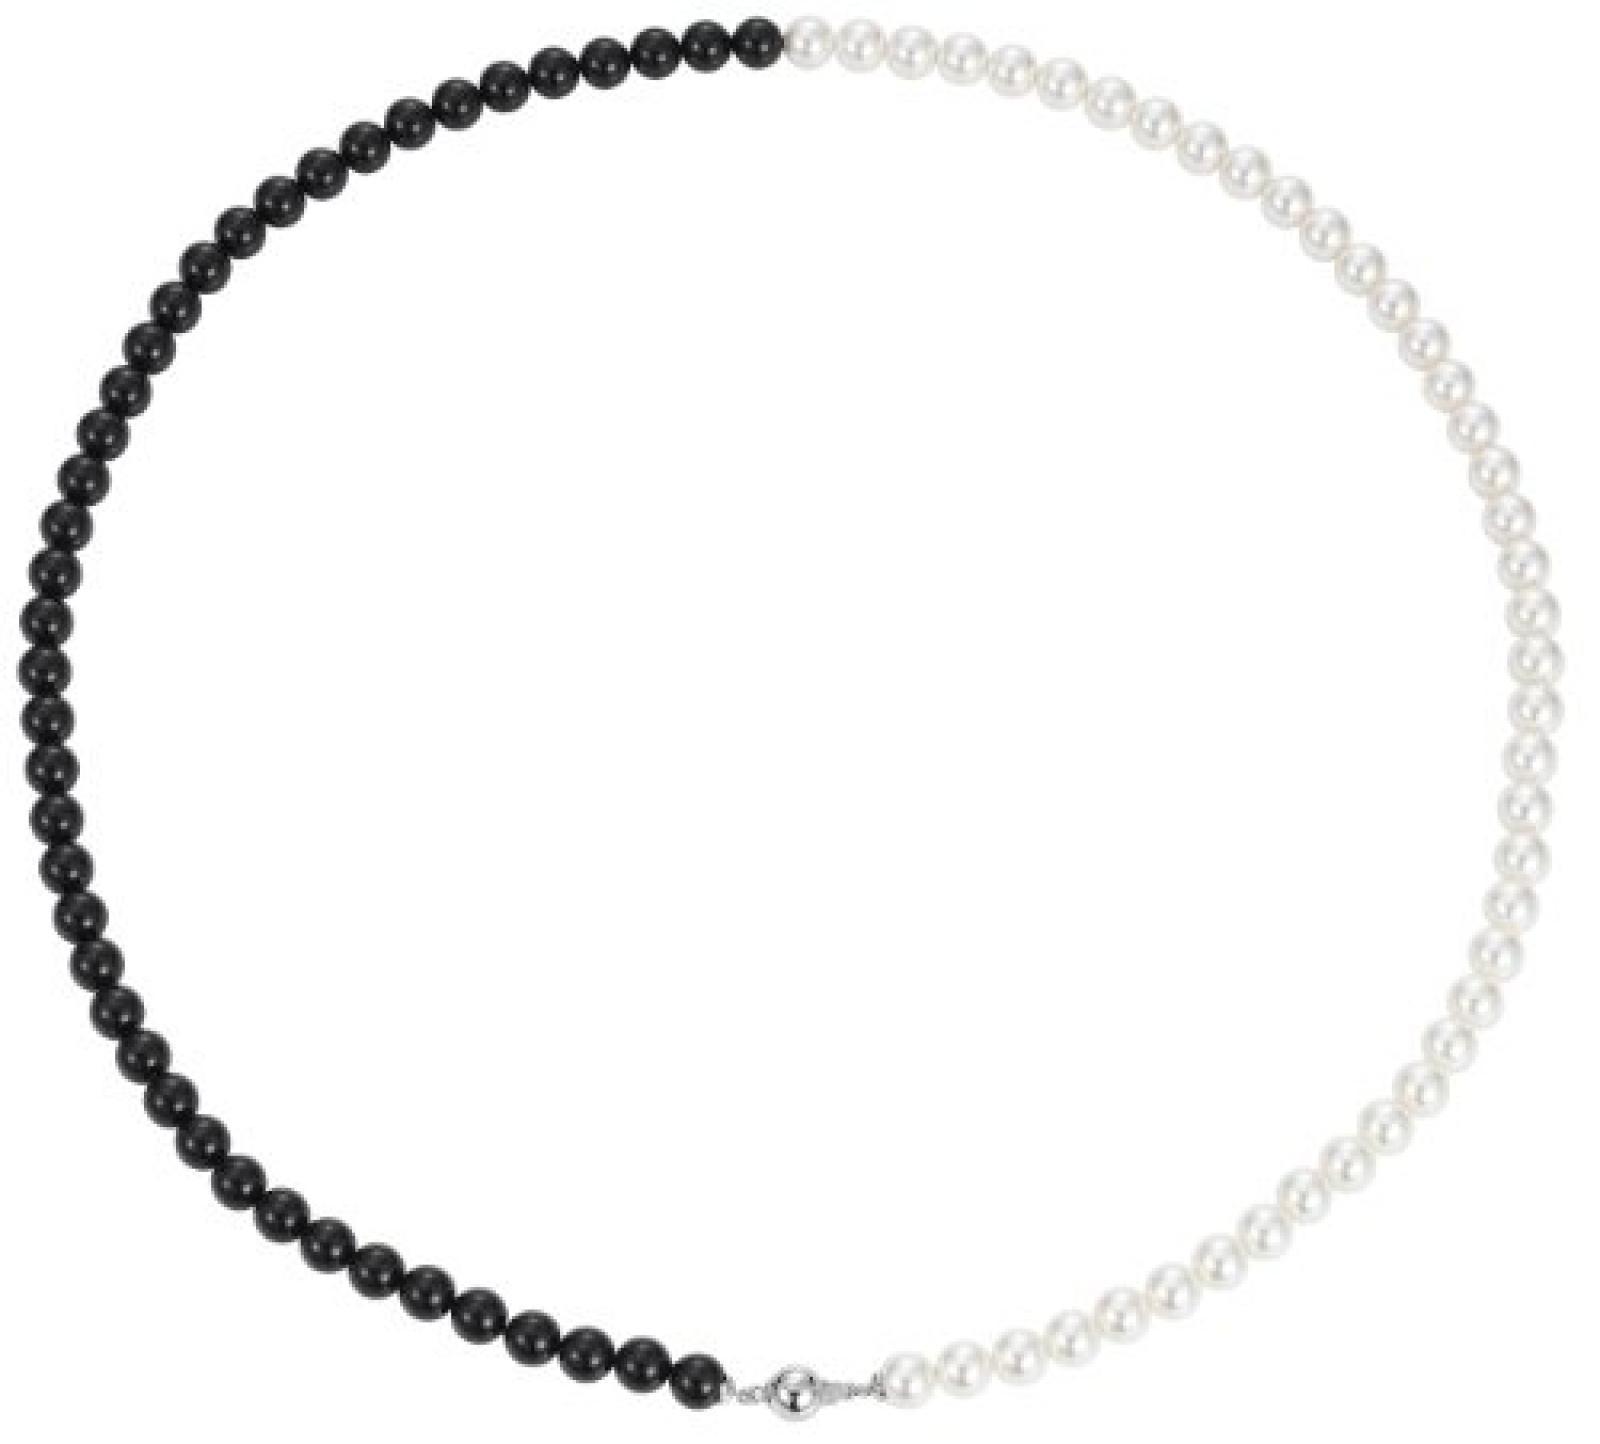 Pierre Cardin Damen-Halsband 925 Sterling Silber rhodiniert Perlmutt Perlmutt Liens de perles weiß PCNL90442D700